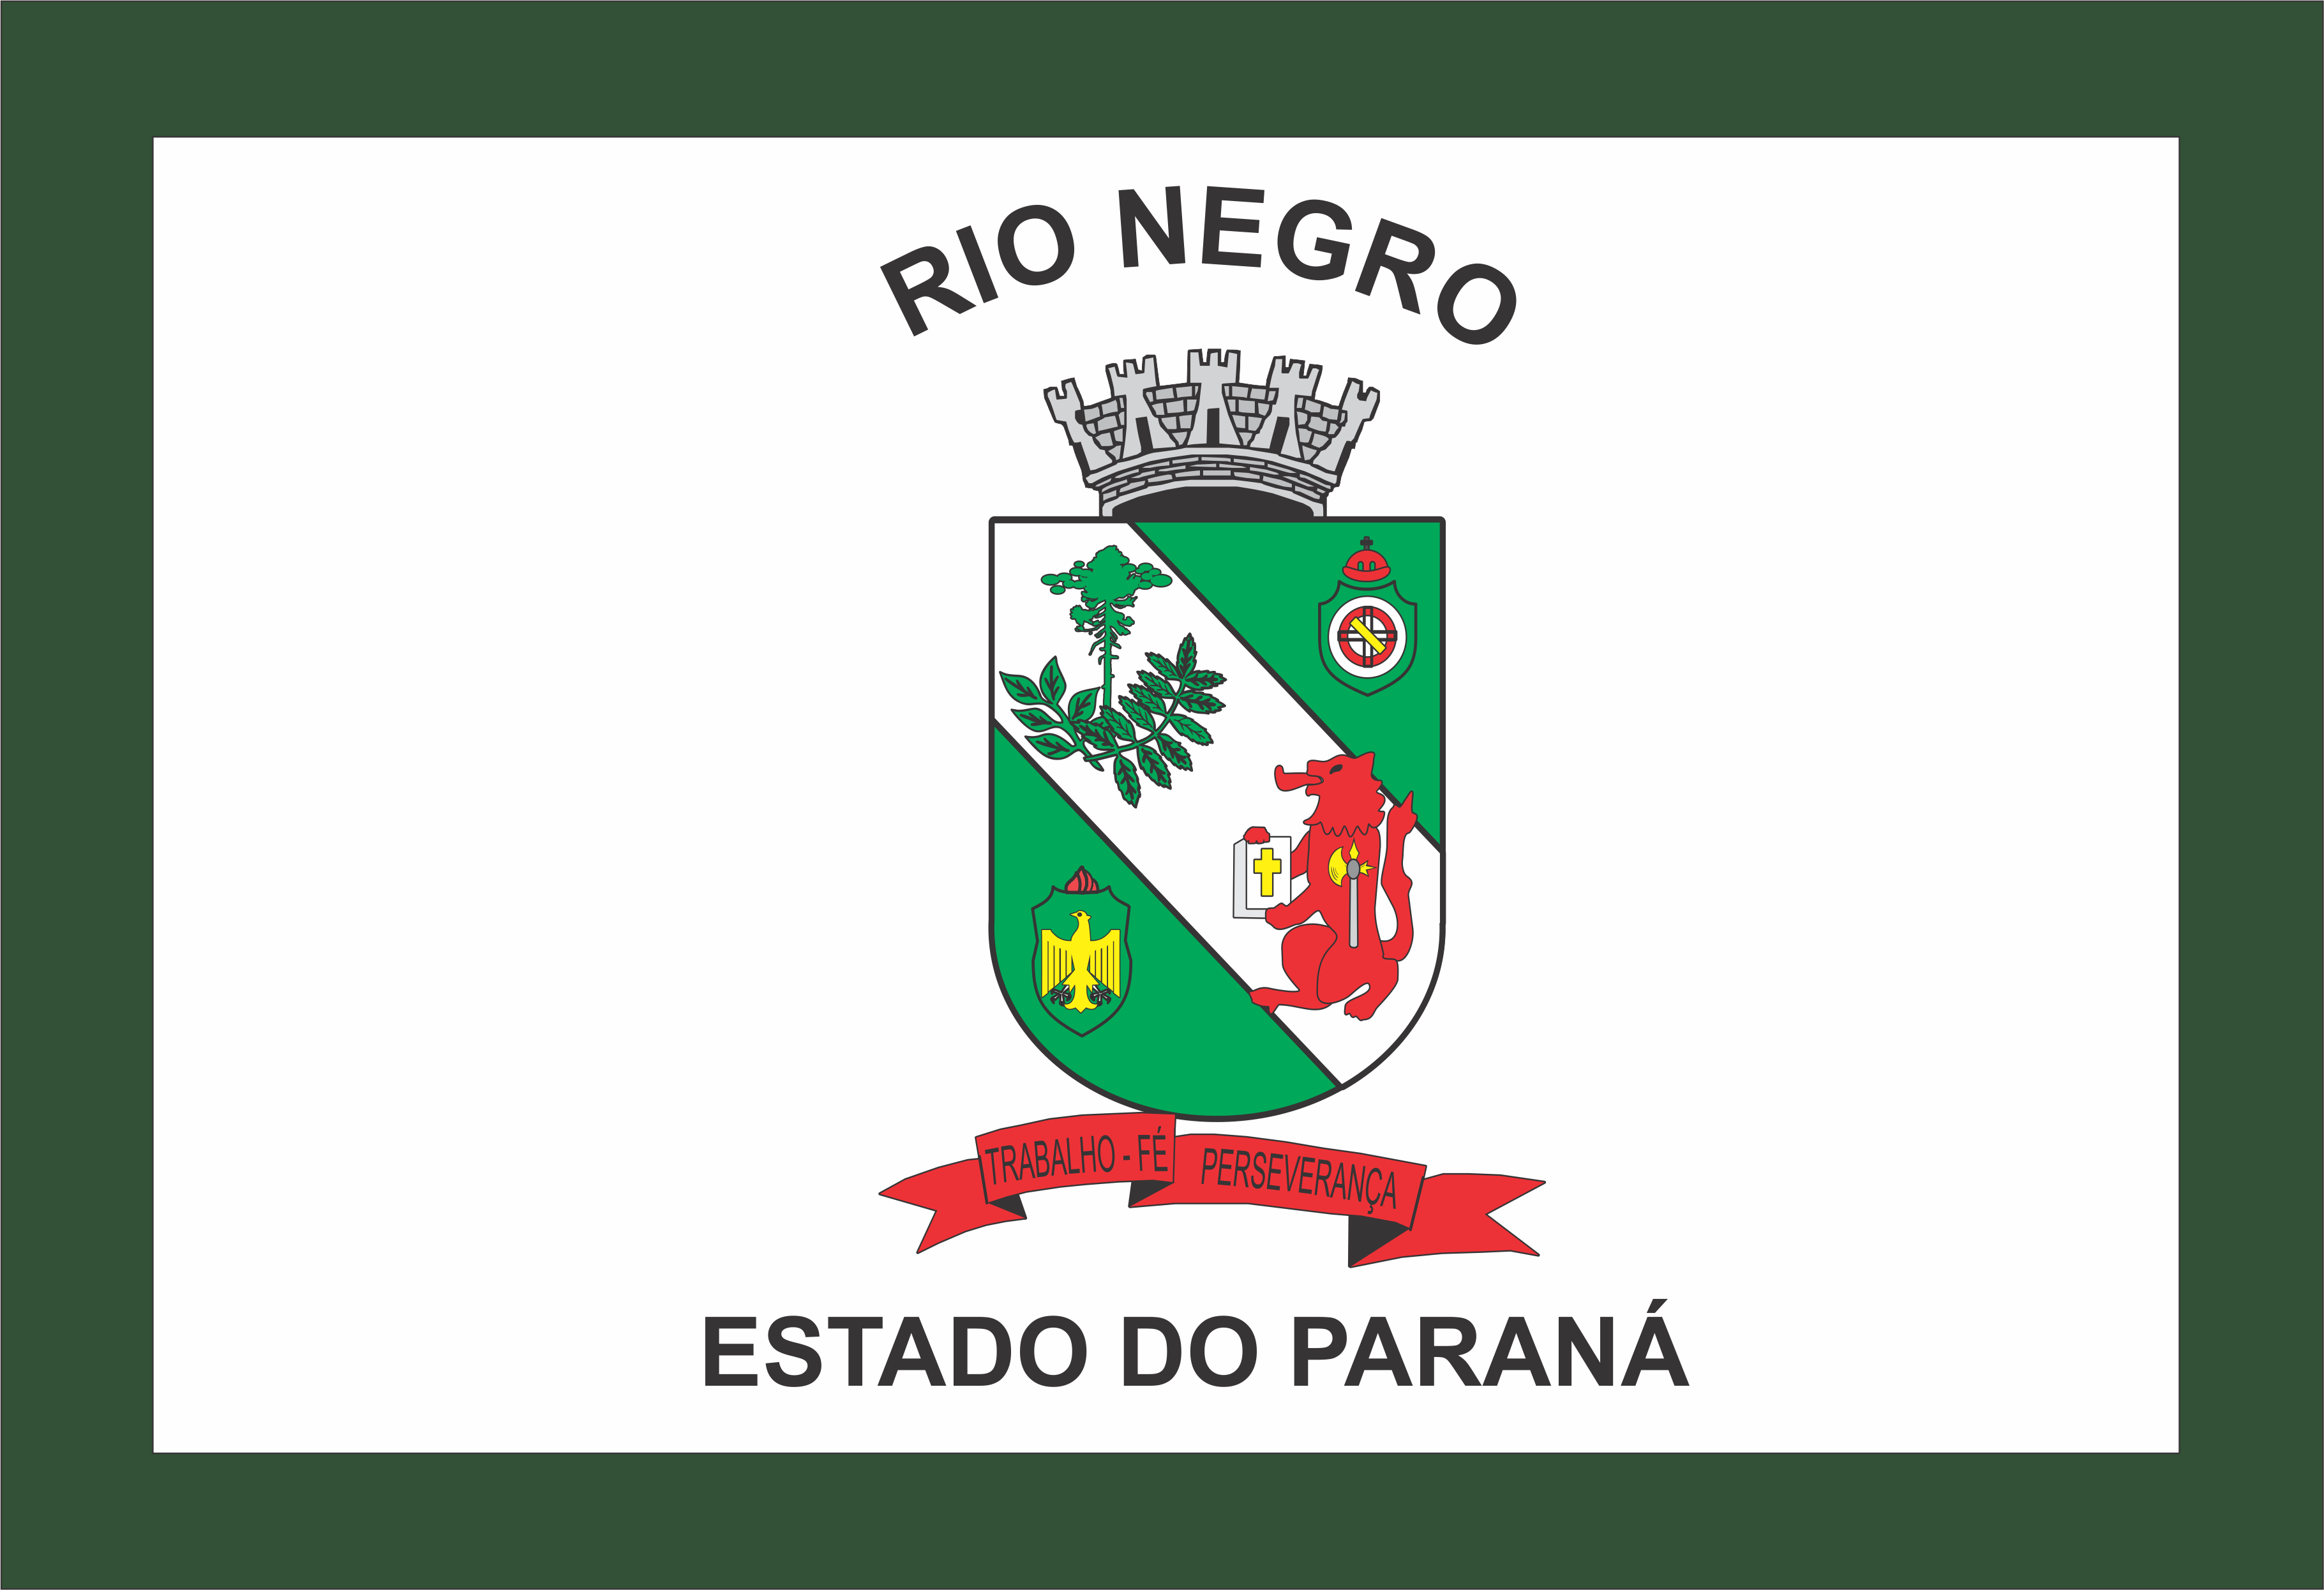 Bandeira do Município de Rio Negro